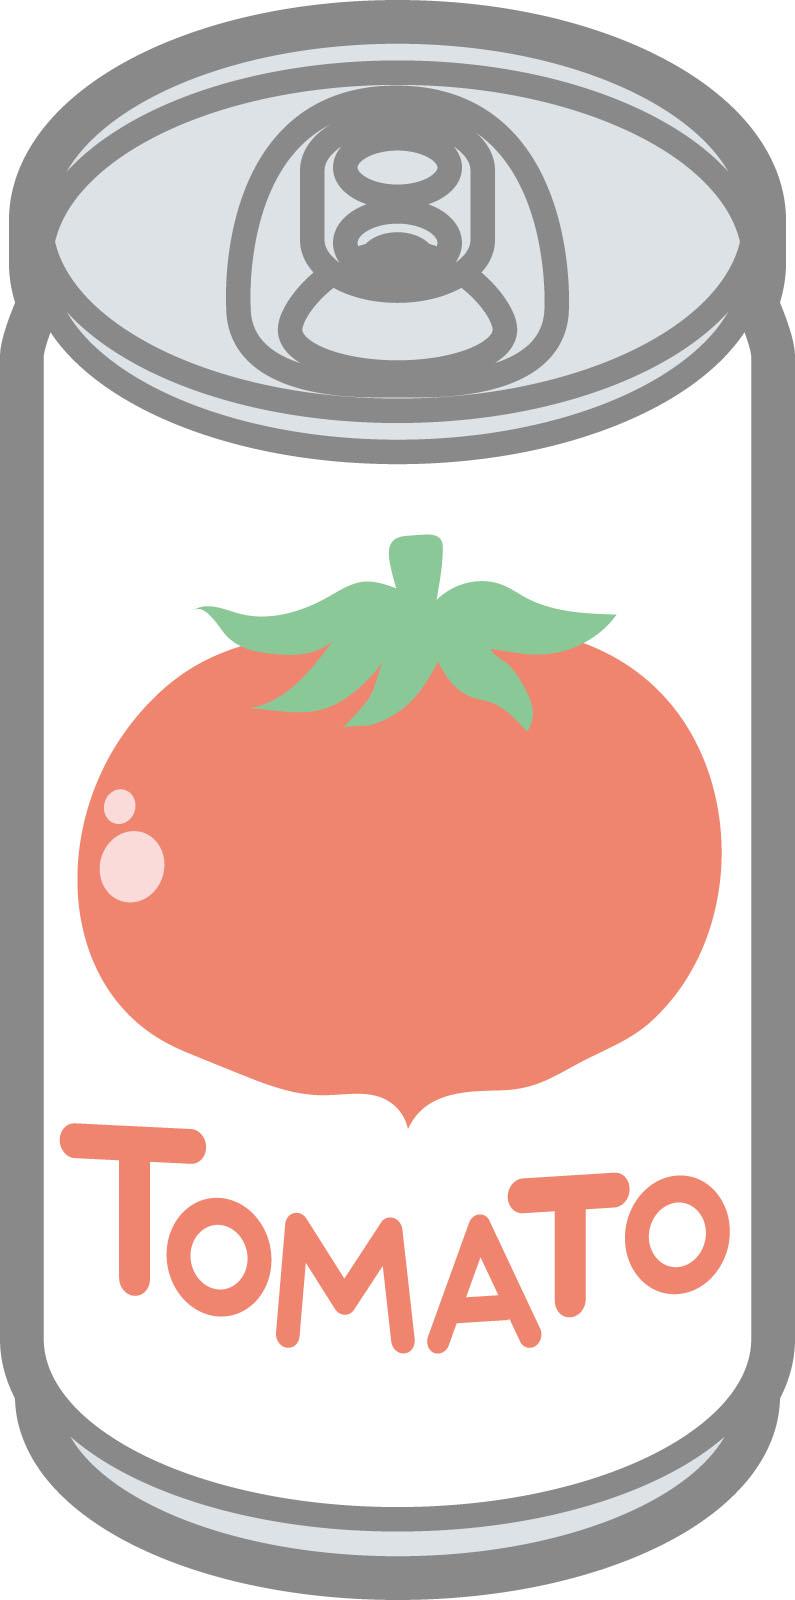 トマトジュース毎日飲んでるんだけど